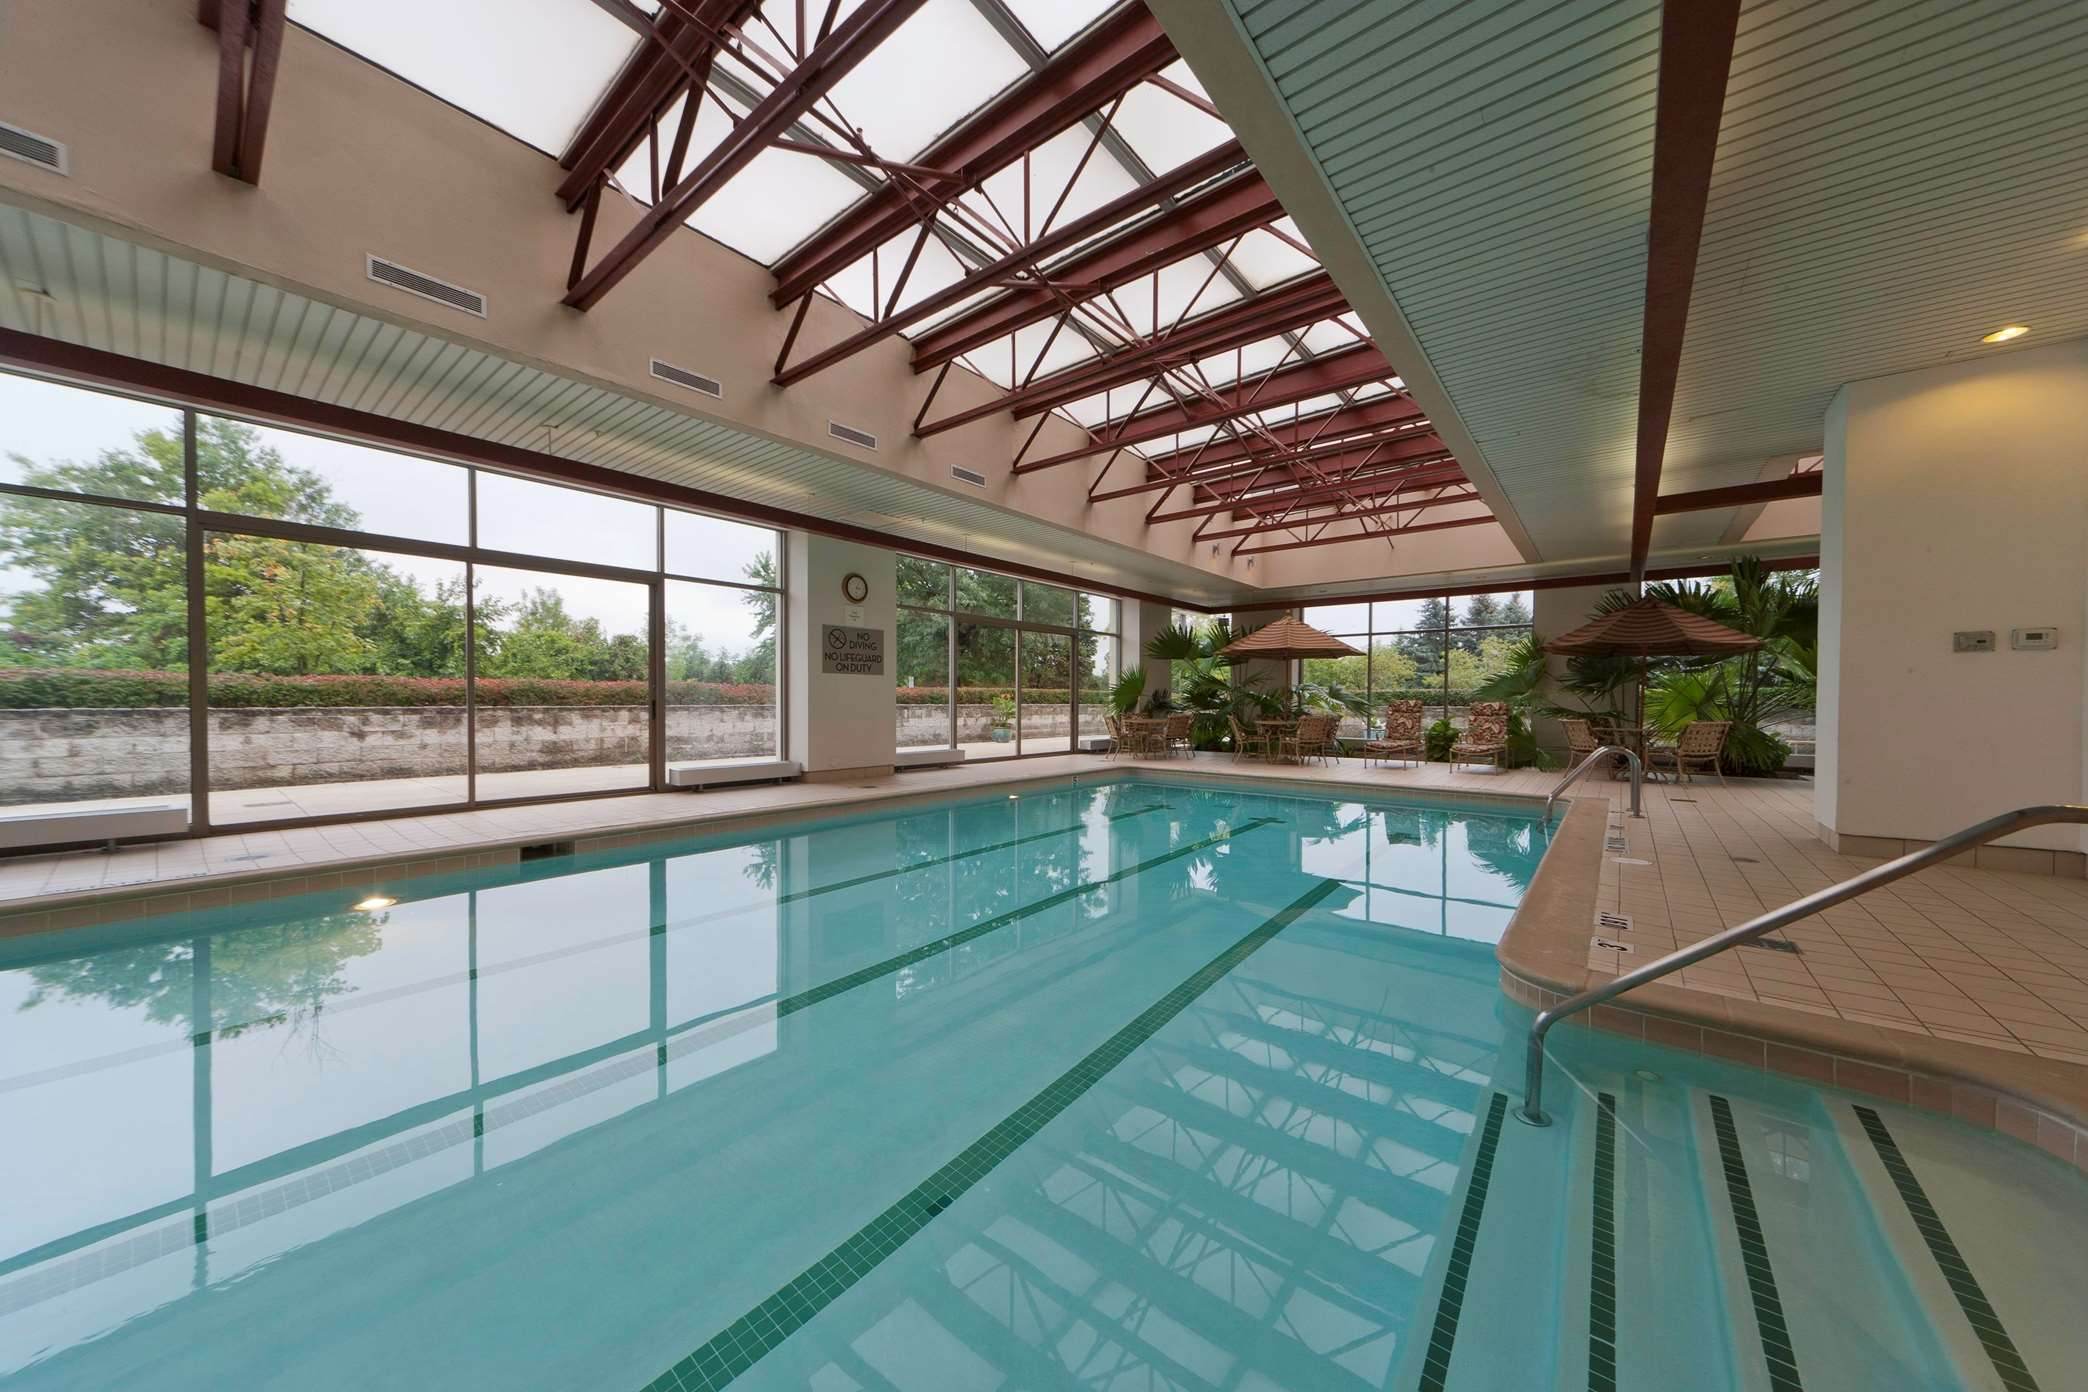 Embassy Suites by Hilton Detroit Troy Auburn Hills image 8